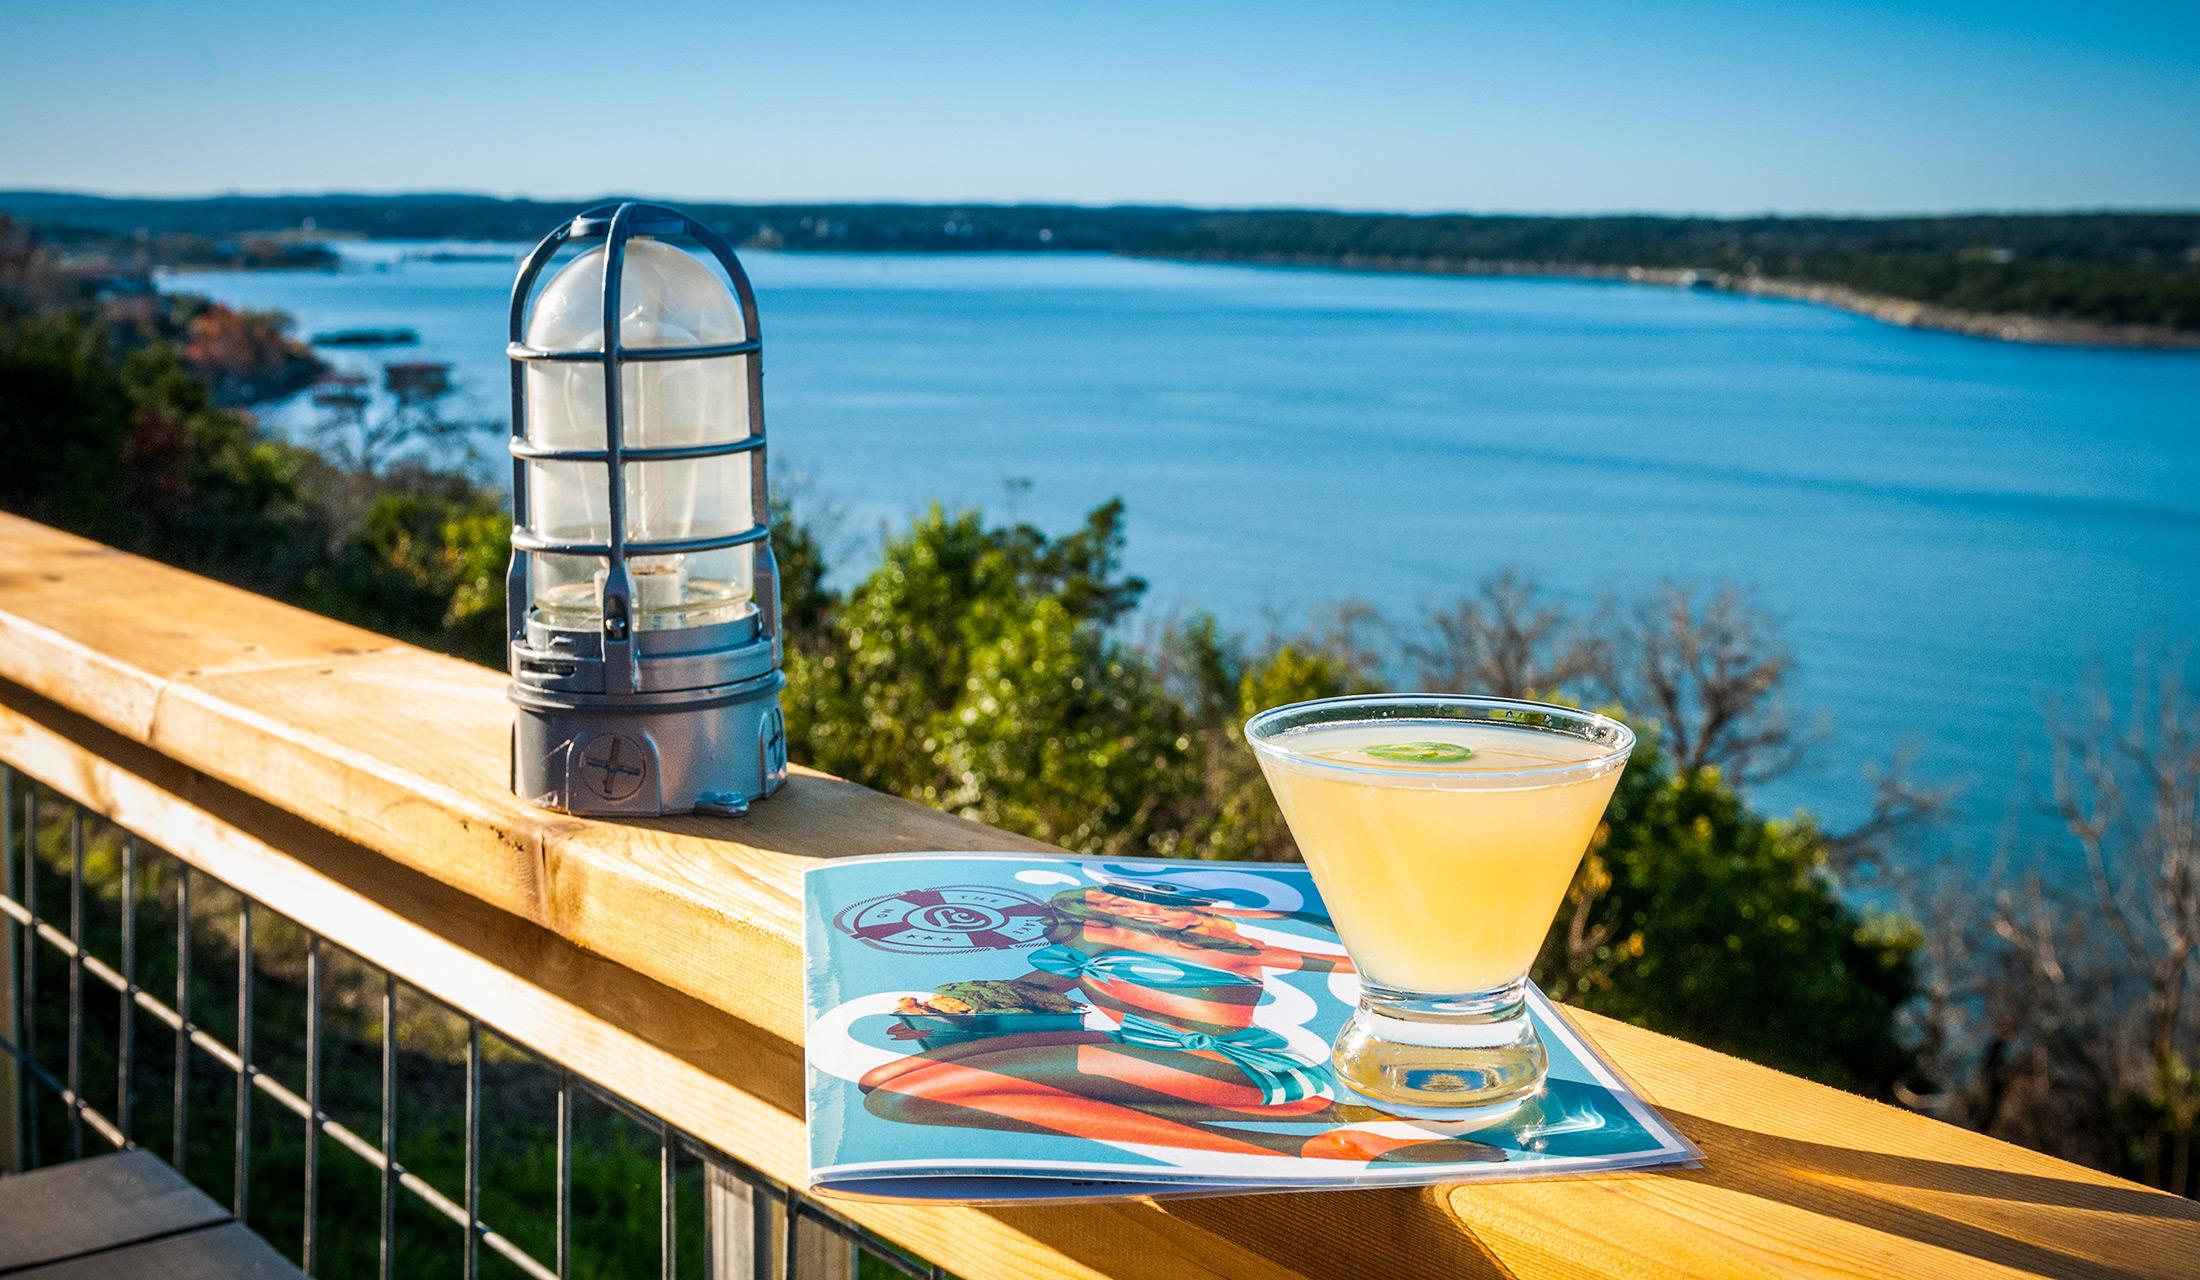 Lake cocktail